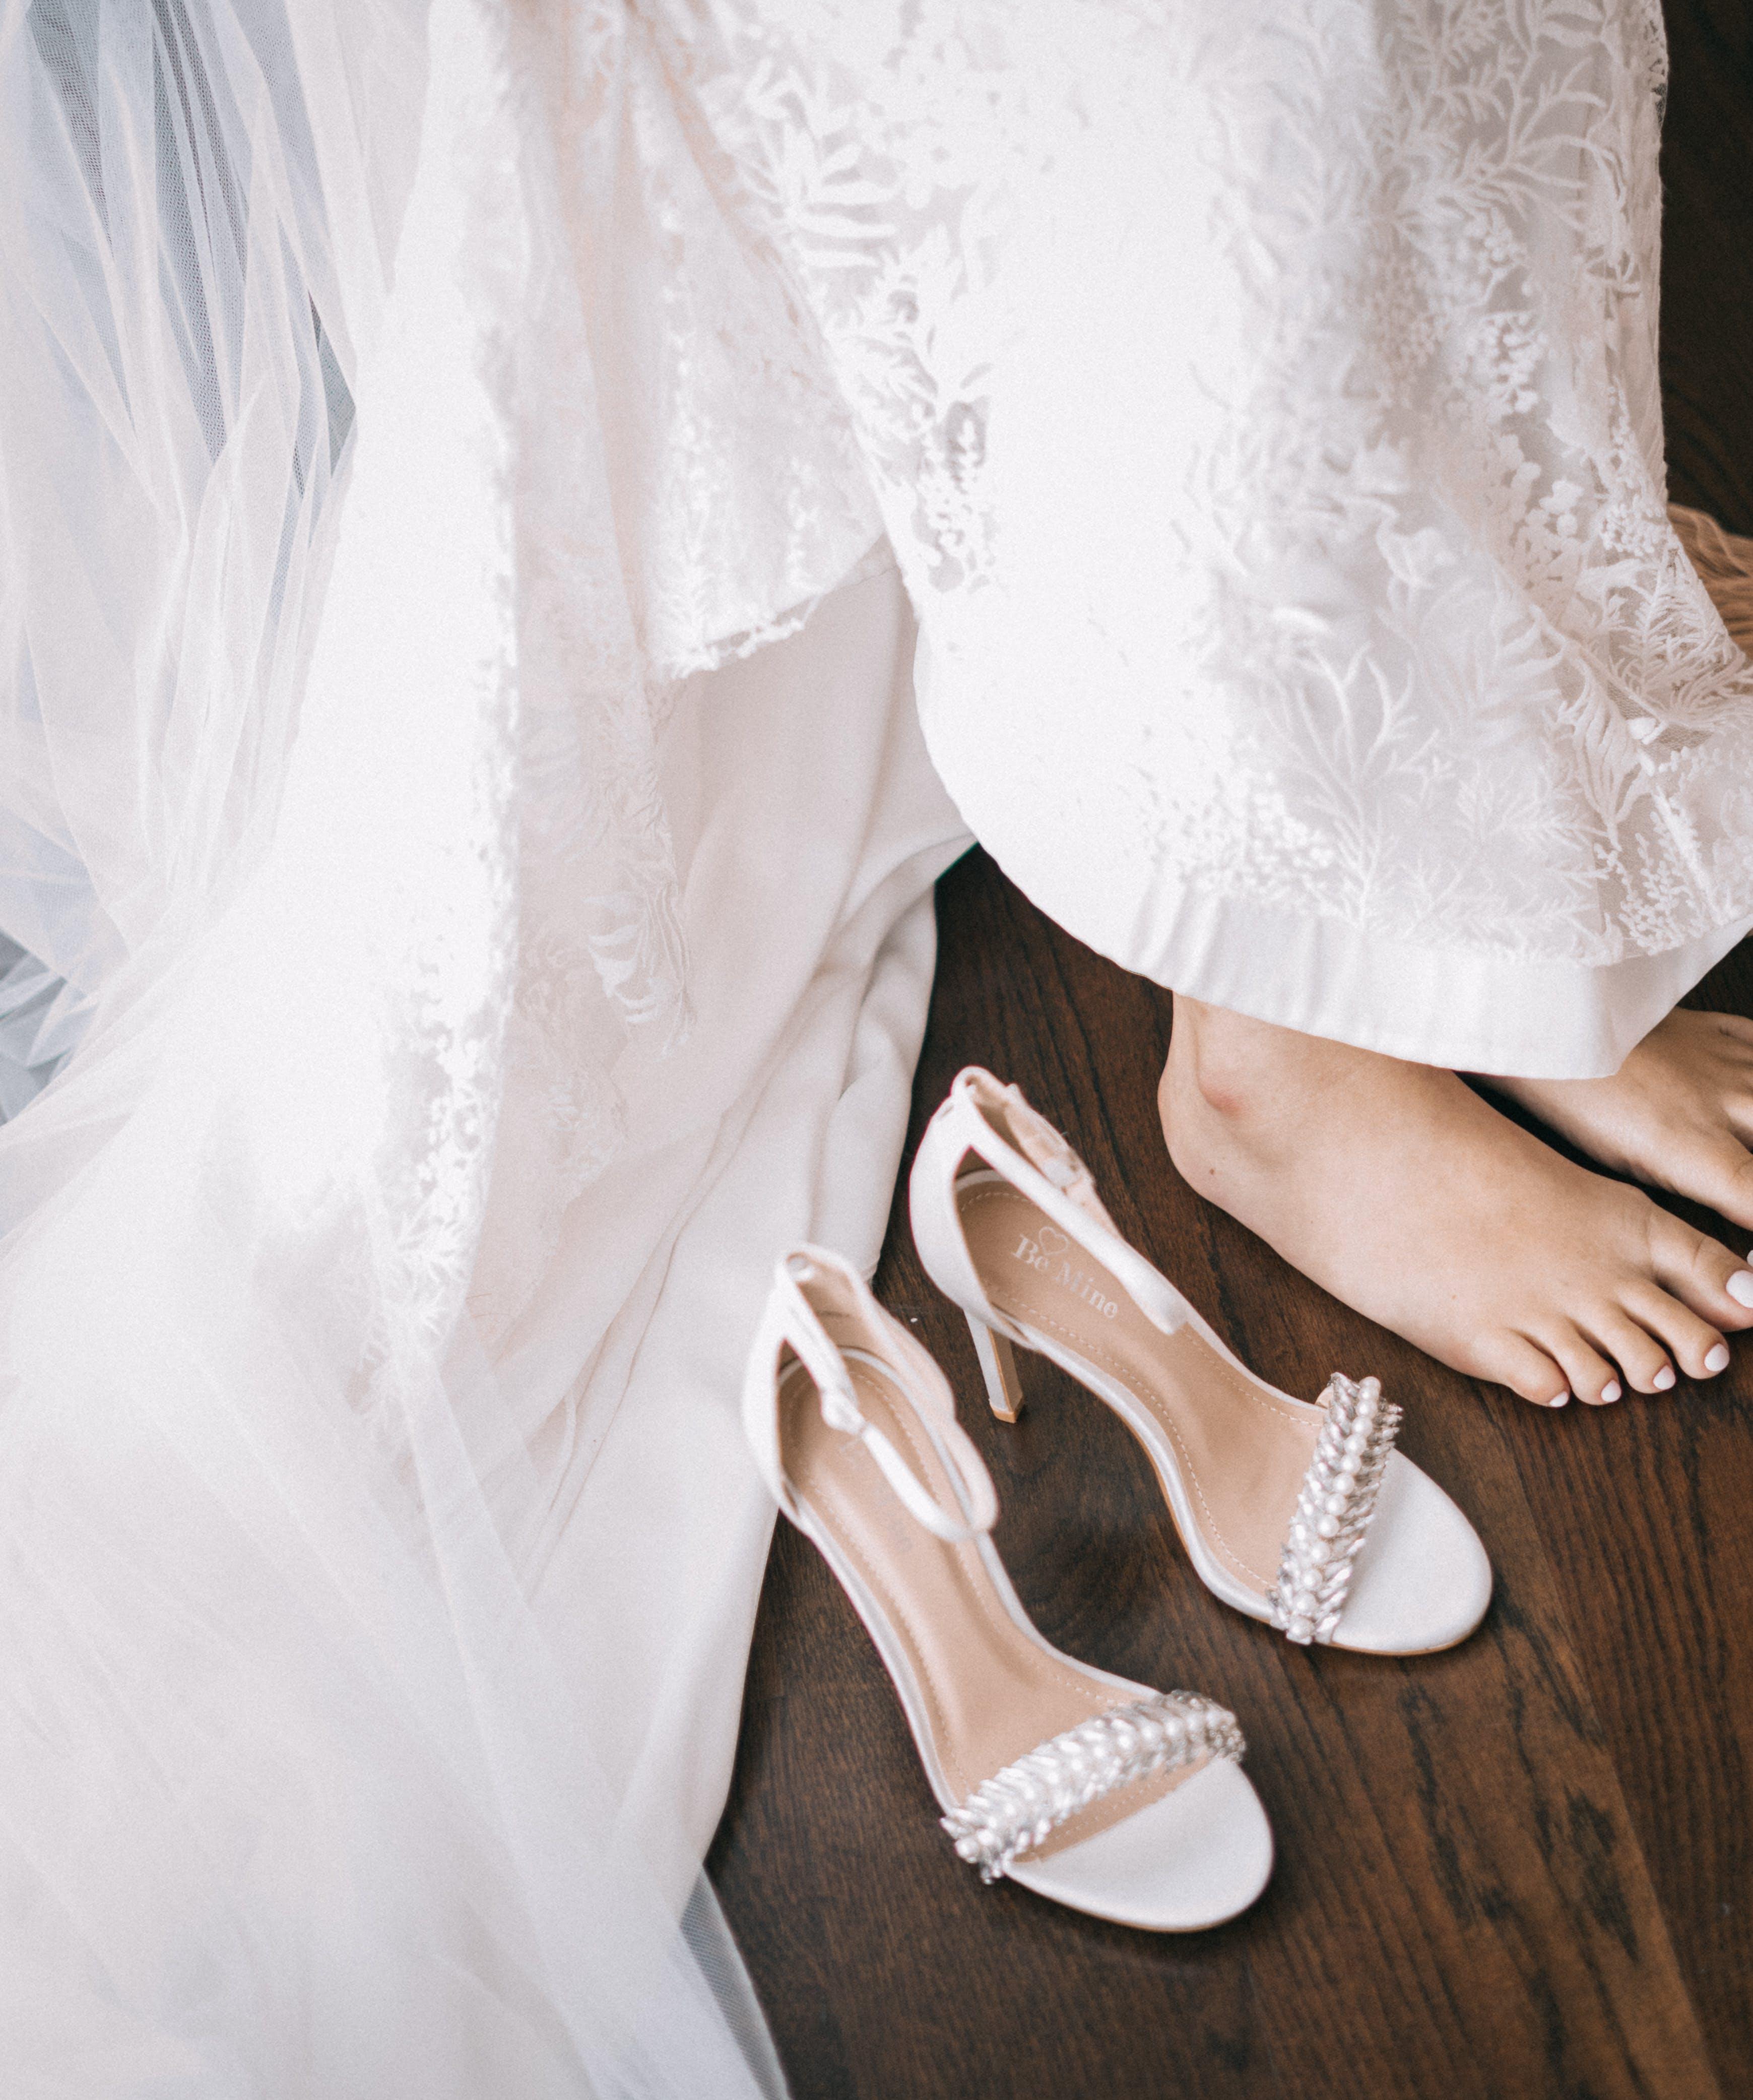 de à la mode, blanc, élégant, femelle